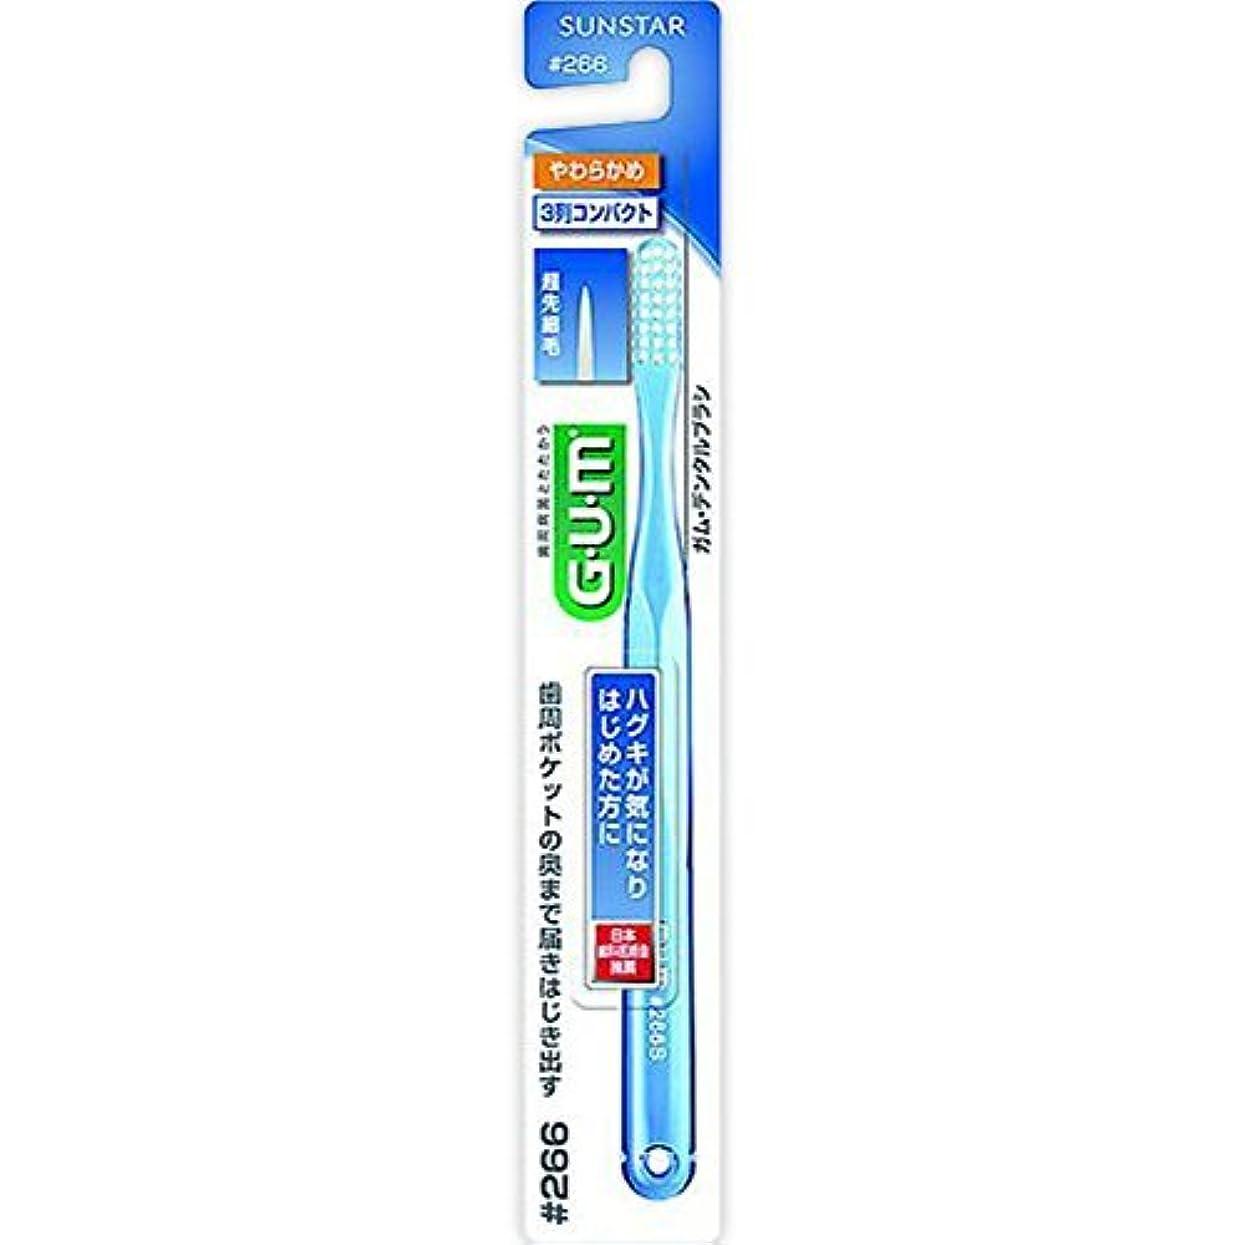 【まとめ買い】GUM デンタルブラシ コンパクトヘッド ウルトラソフト #266 ×2セット